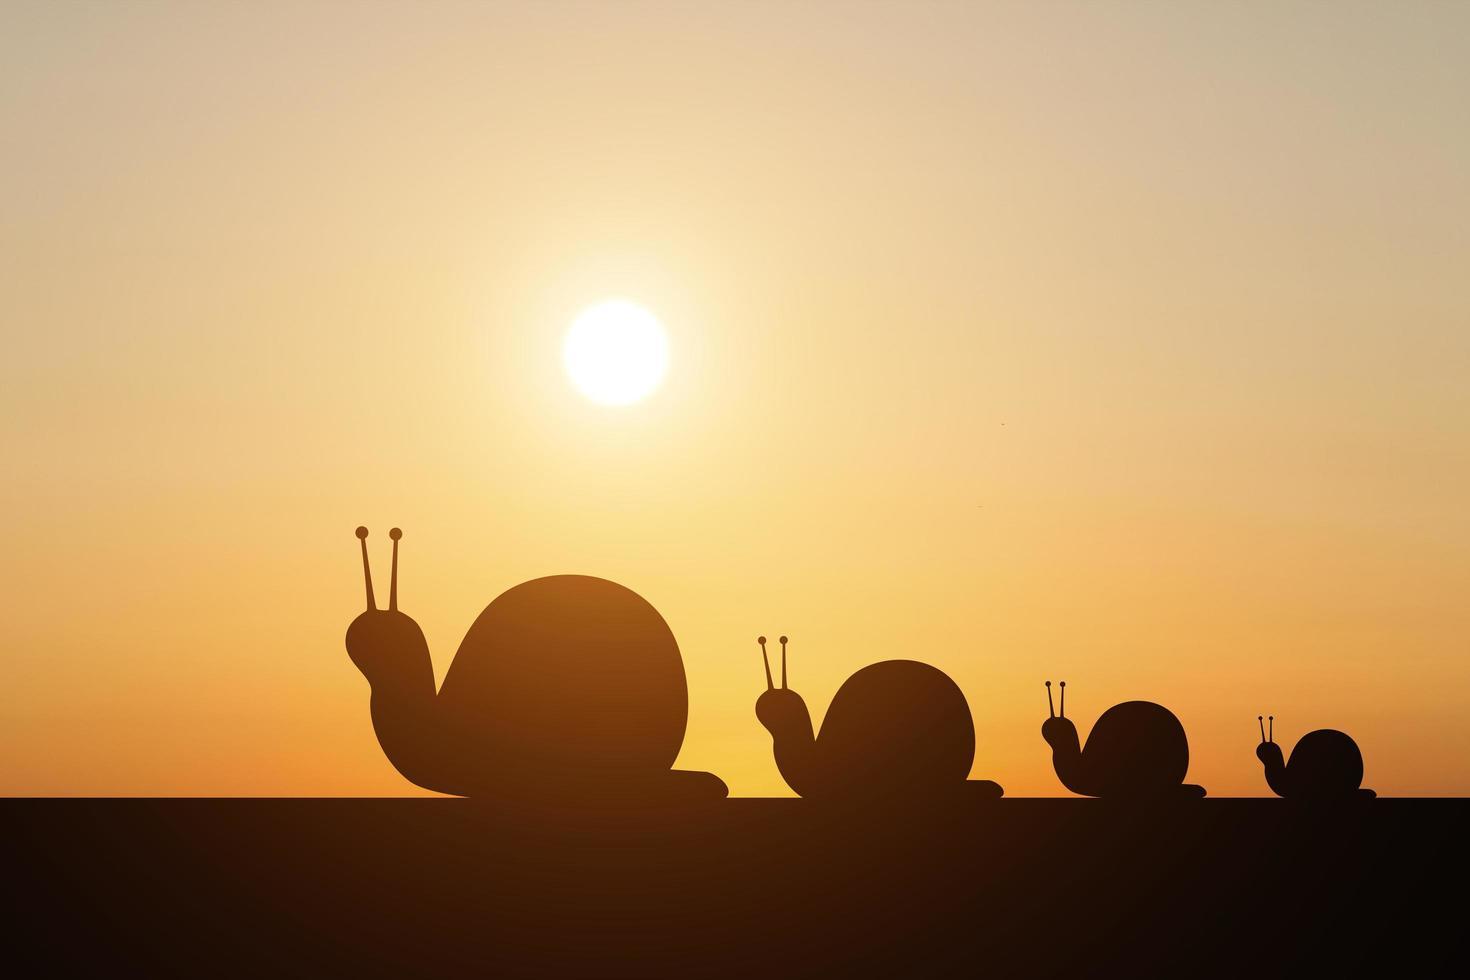 silhouet van een slak op zonsondergang achtergrond foto